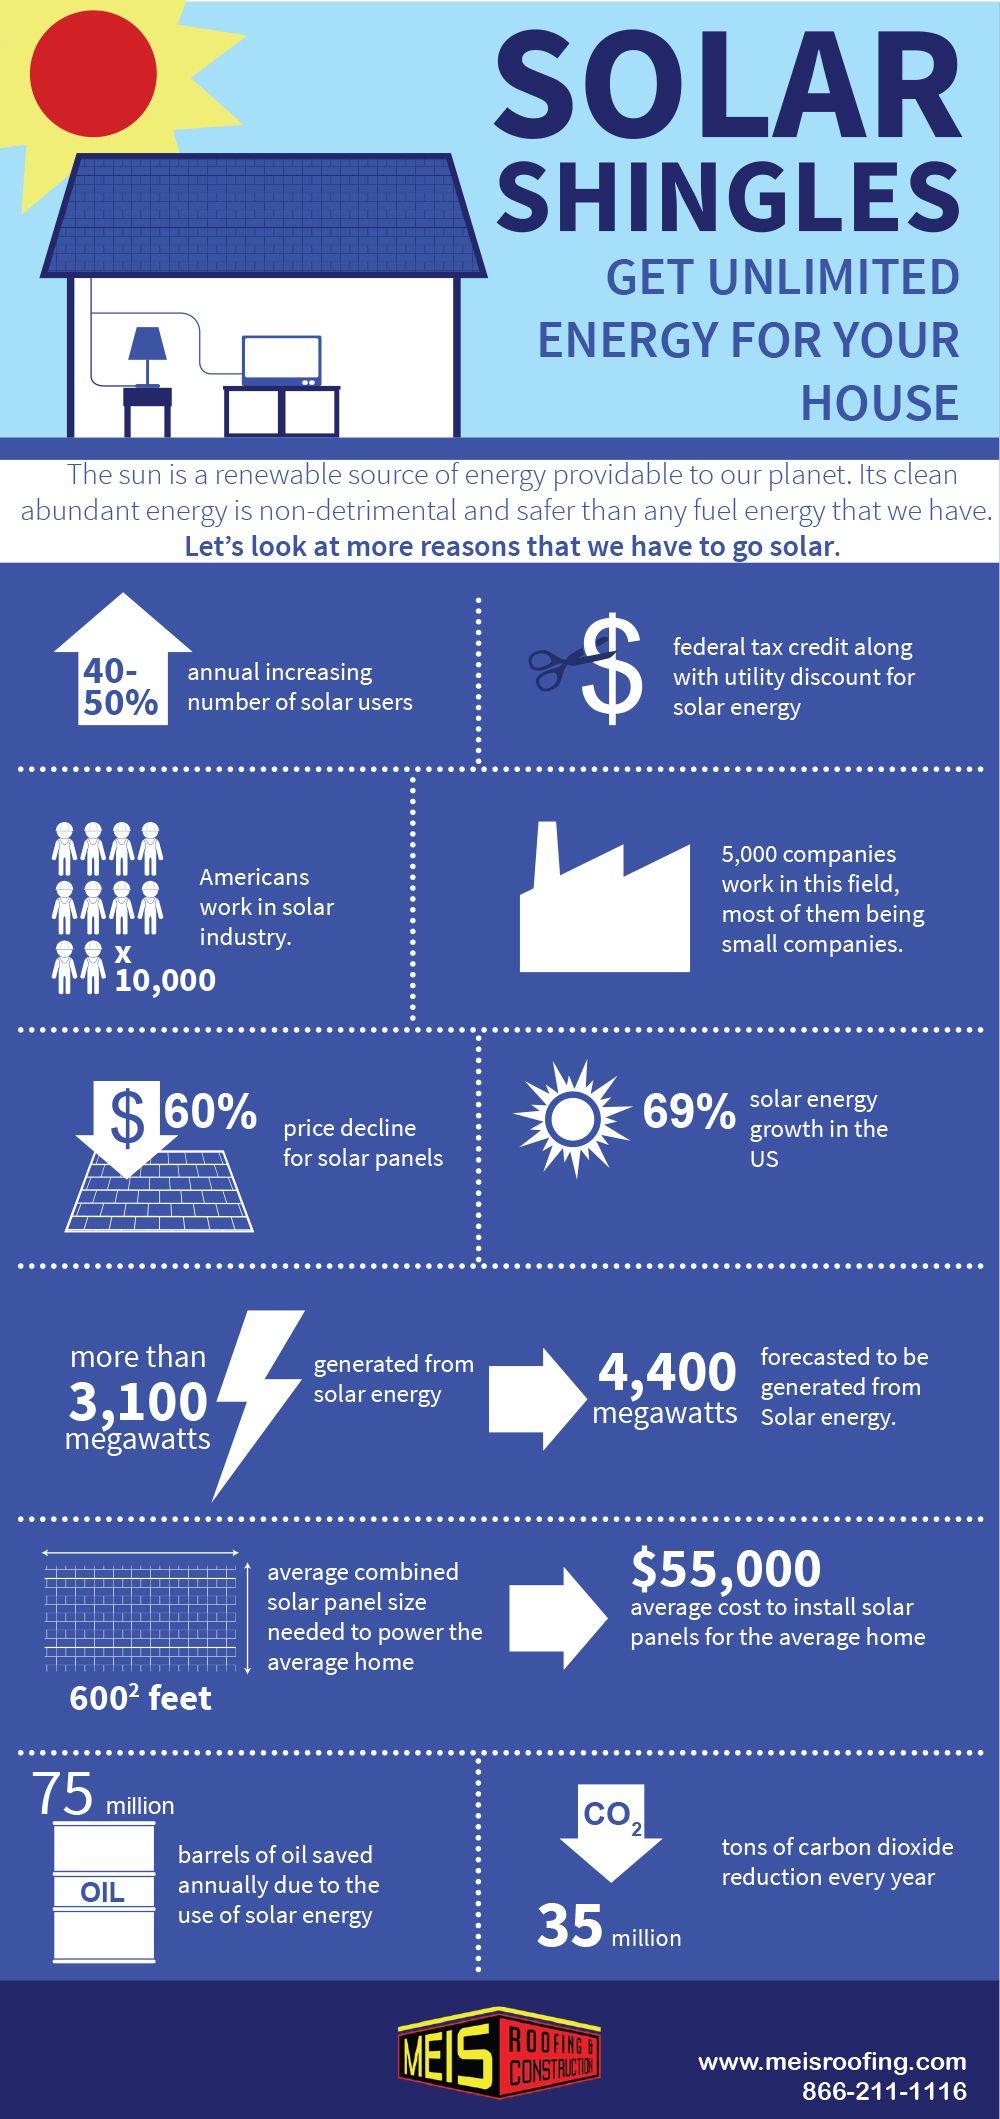 book immobilienfinanzierung alles was sie zum immobilienkauf